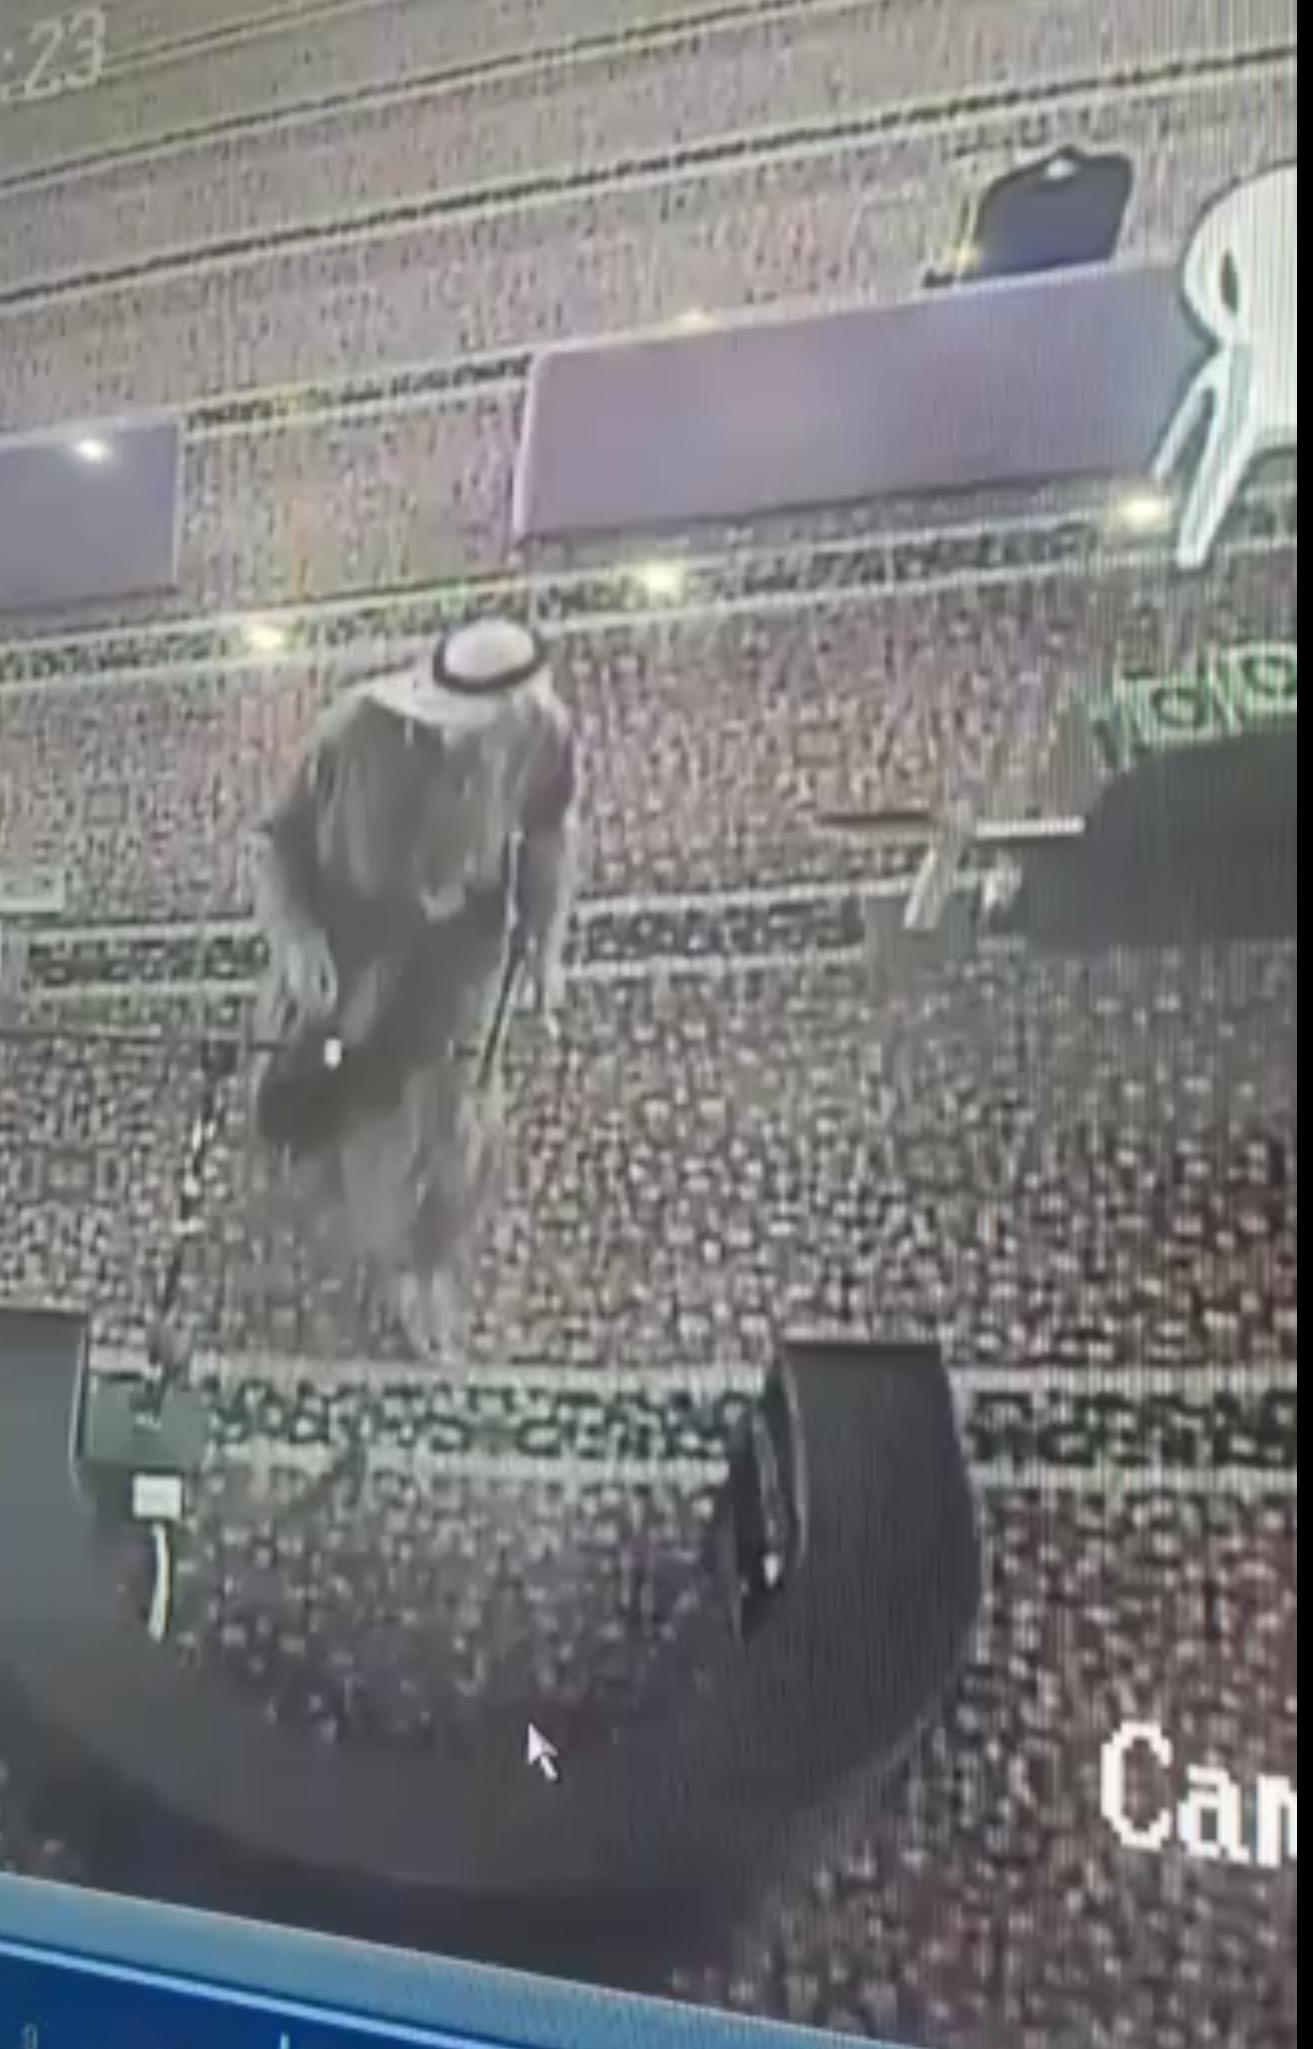 شخص يسكب نجاسته بجامع الملك فهد بتبوك والكاميرات توثق فعلته